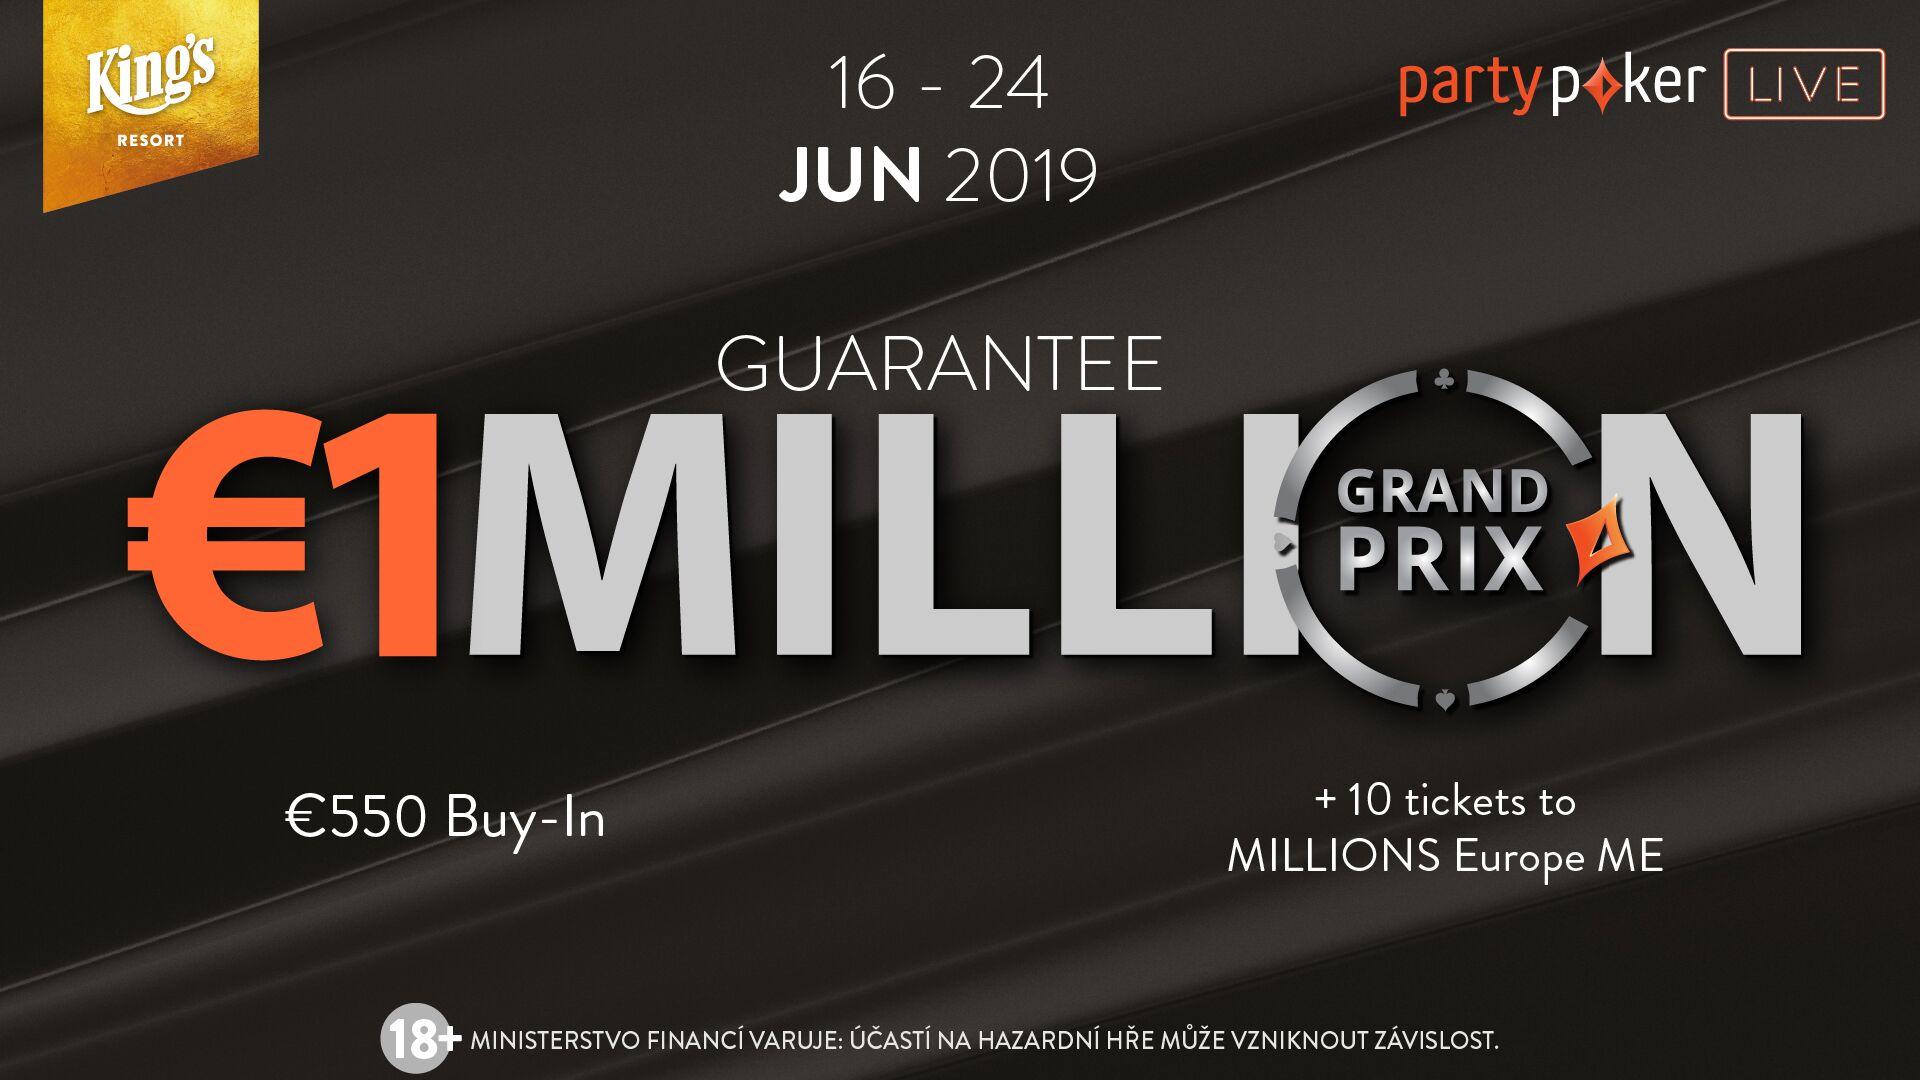 Druhá polovina června bude vKing's patřit partypoker Grand Prix